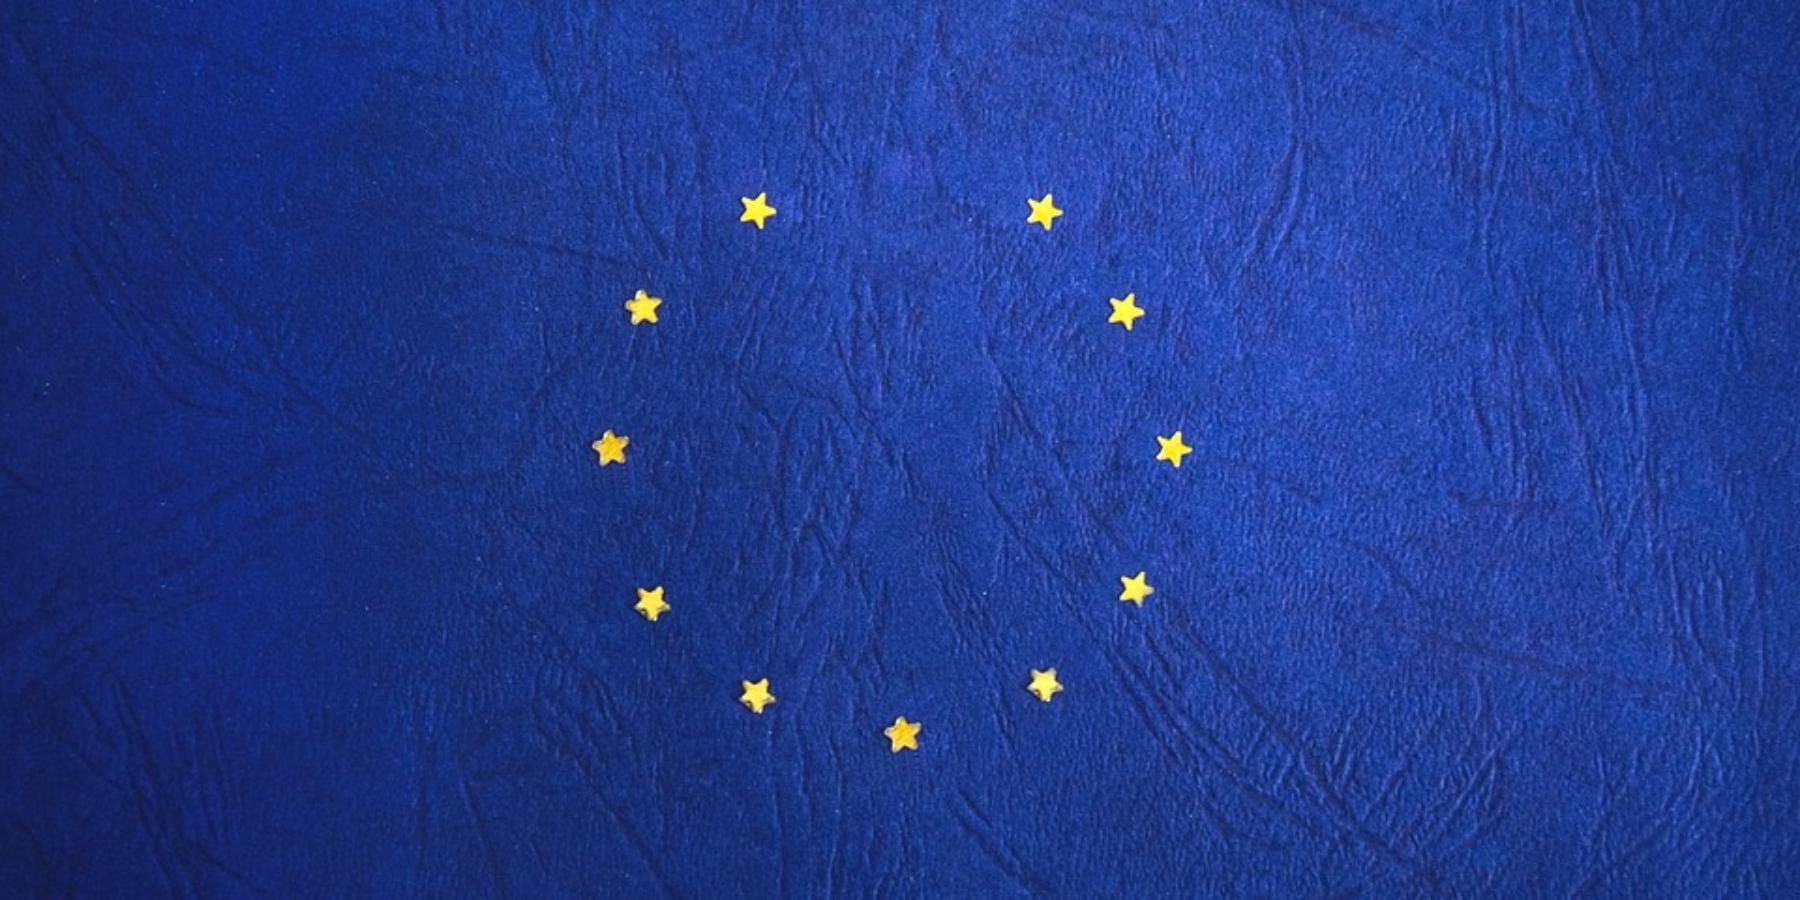 Dzięki grzywnie EU, Google Shopping przestaje faworyzować usługi Google. Prasówka e-commerce #78